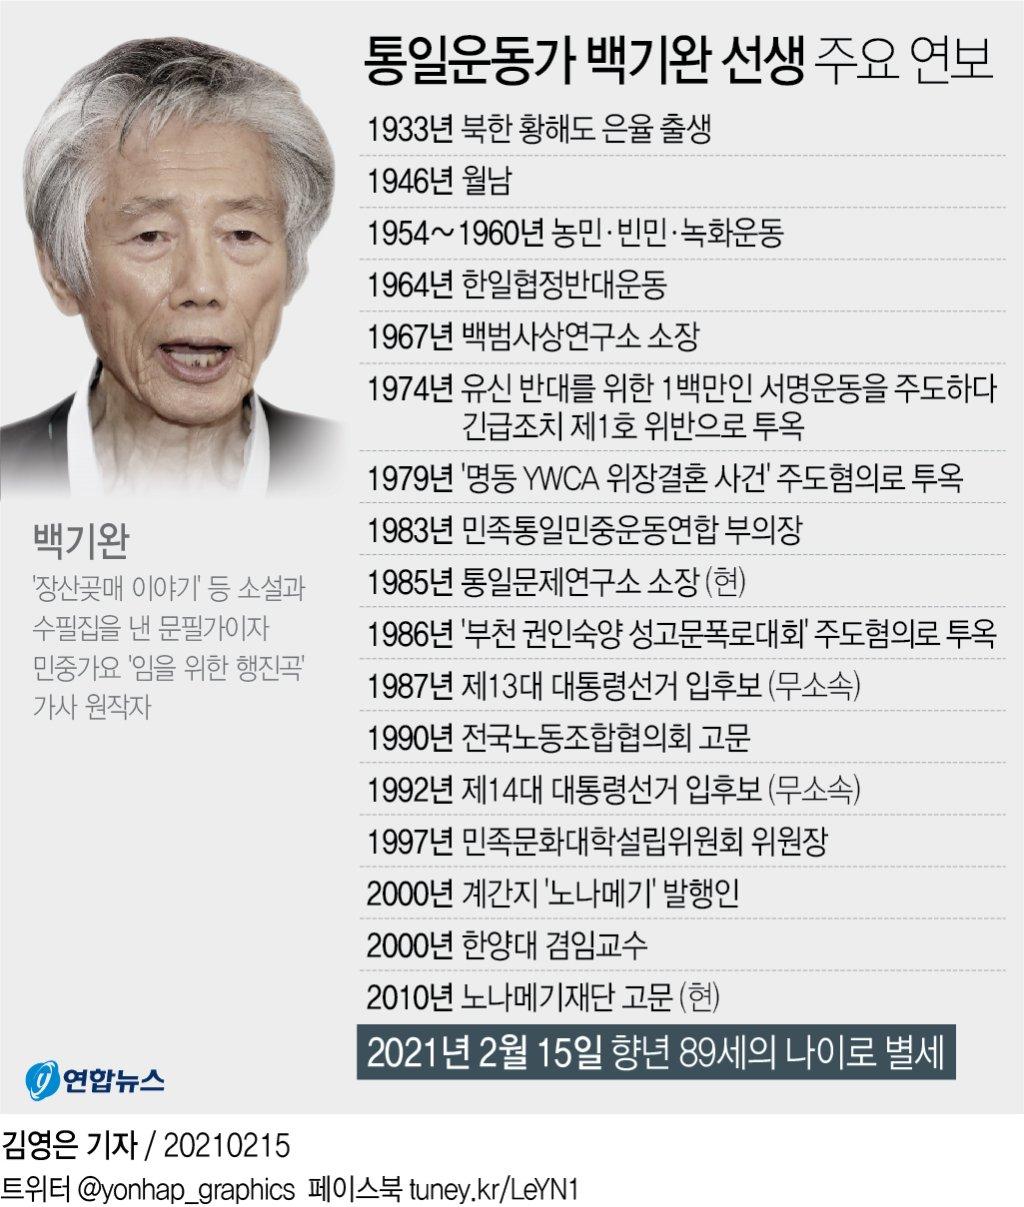 [그래픽] 통일운동가 백기완 선생 주요 연보